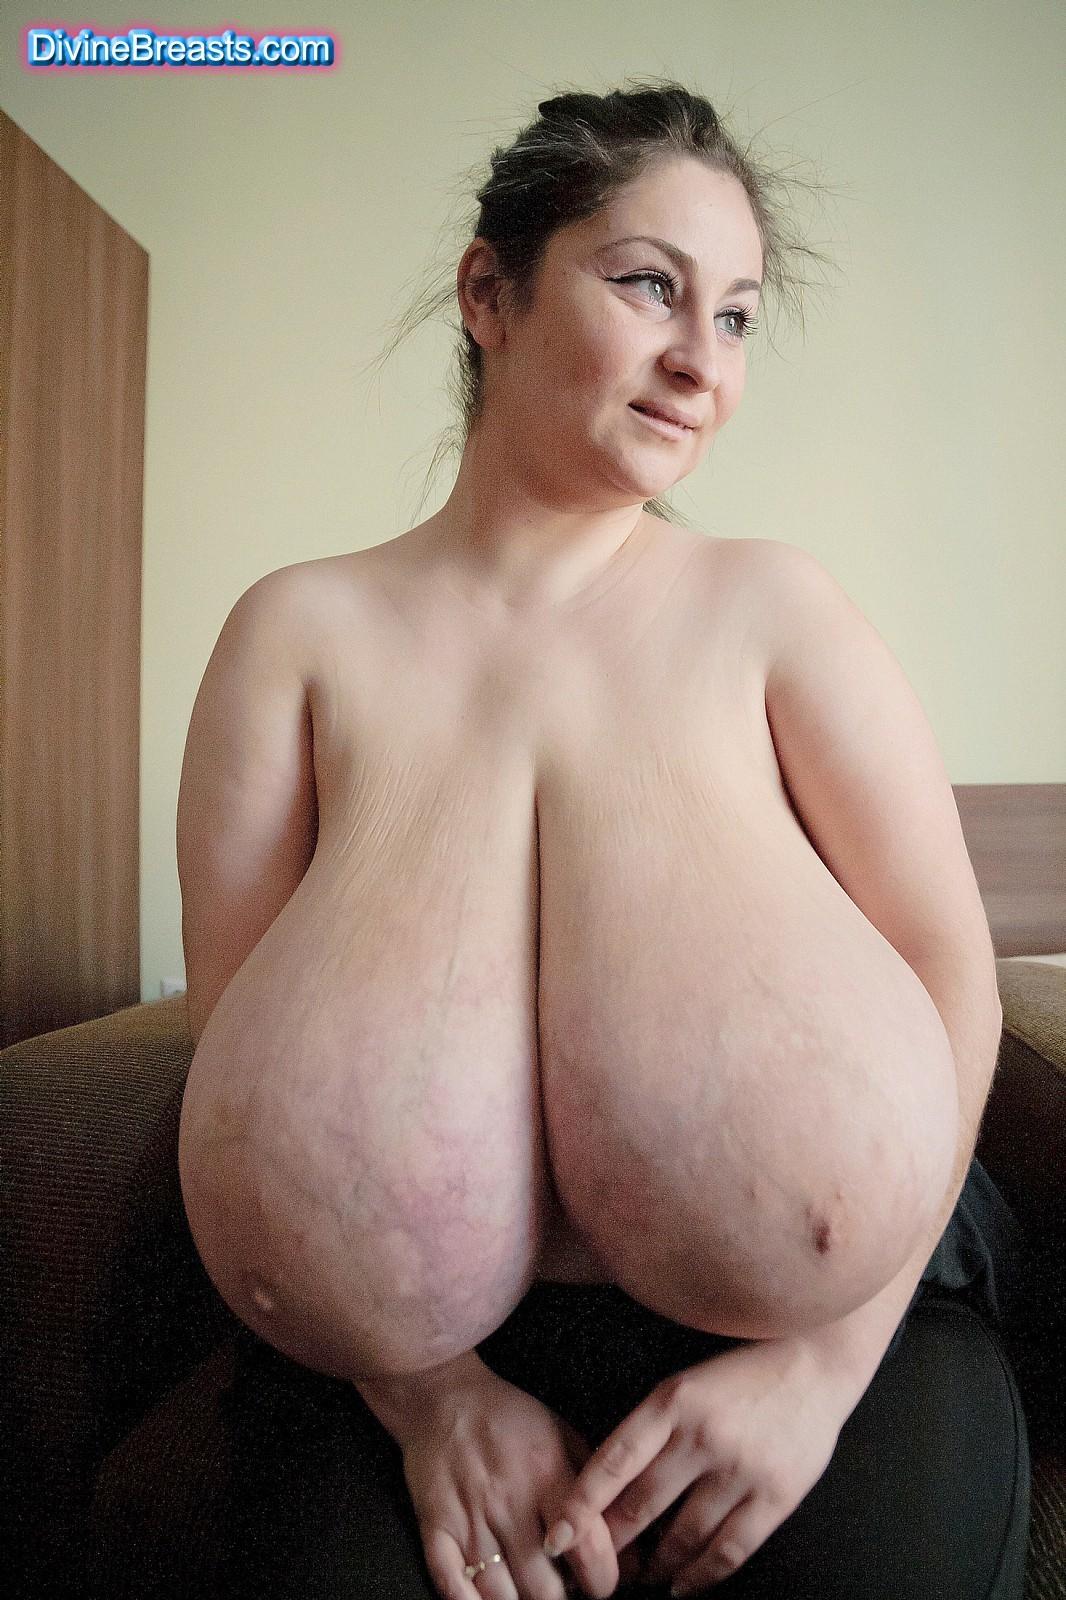 Смотреть фото толстых с висячими сиськами скачать фото в хорошем качестве 720 фотоография